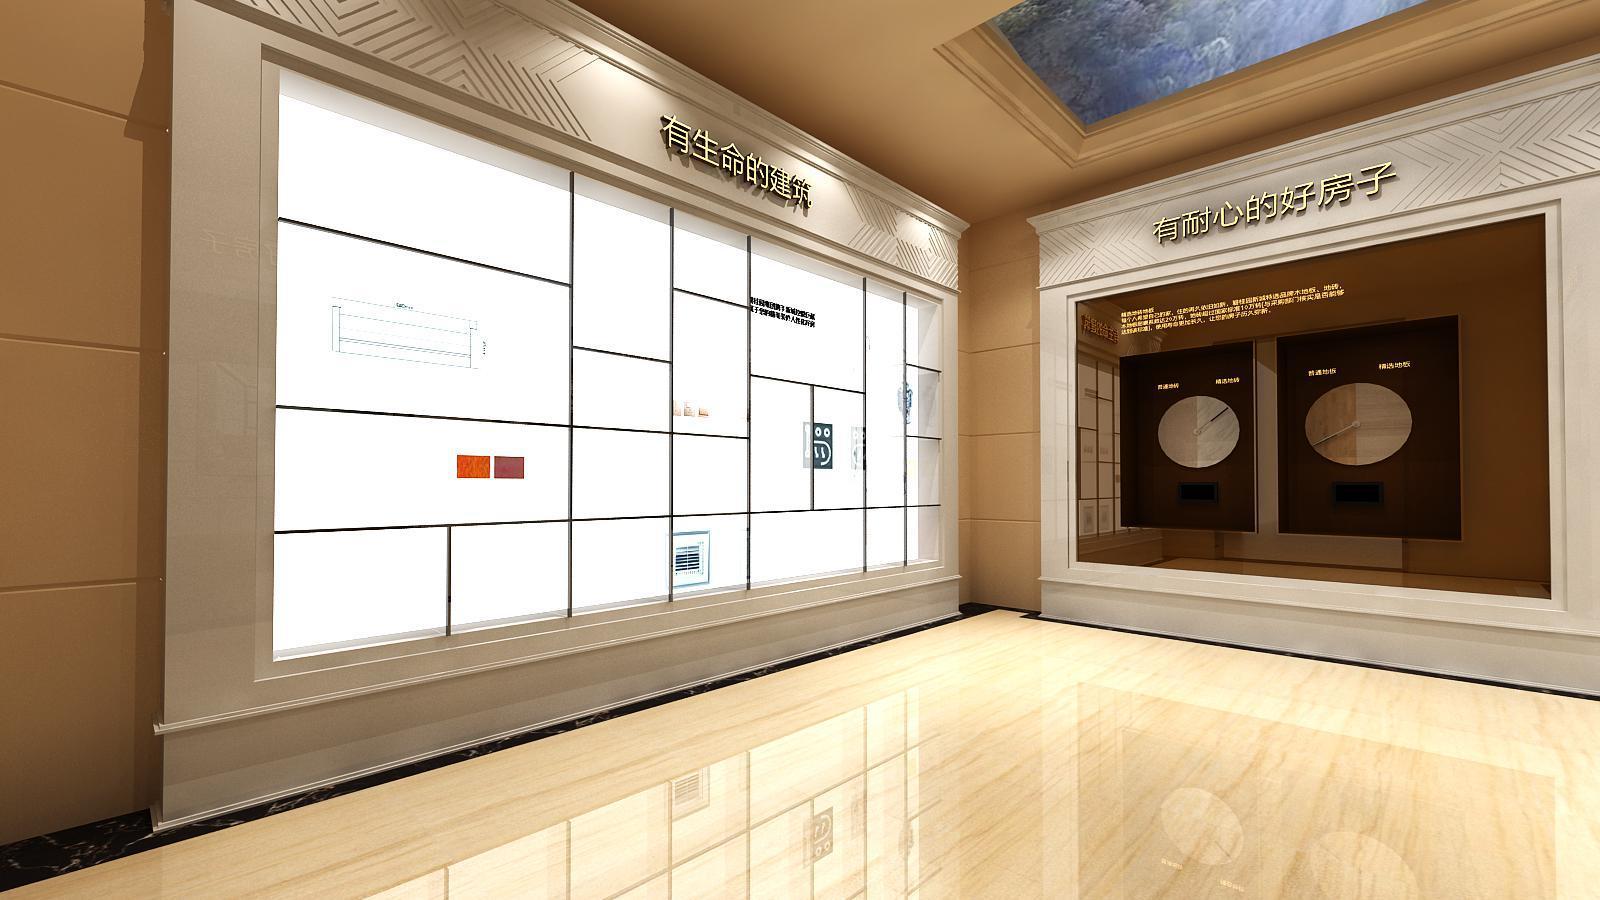 碧桂园新城体验馆设计方案之墙面造型设计22